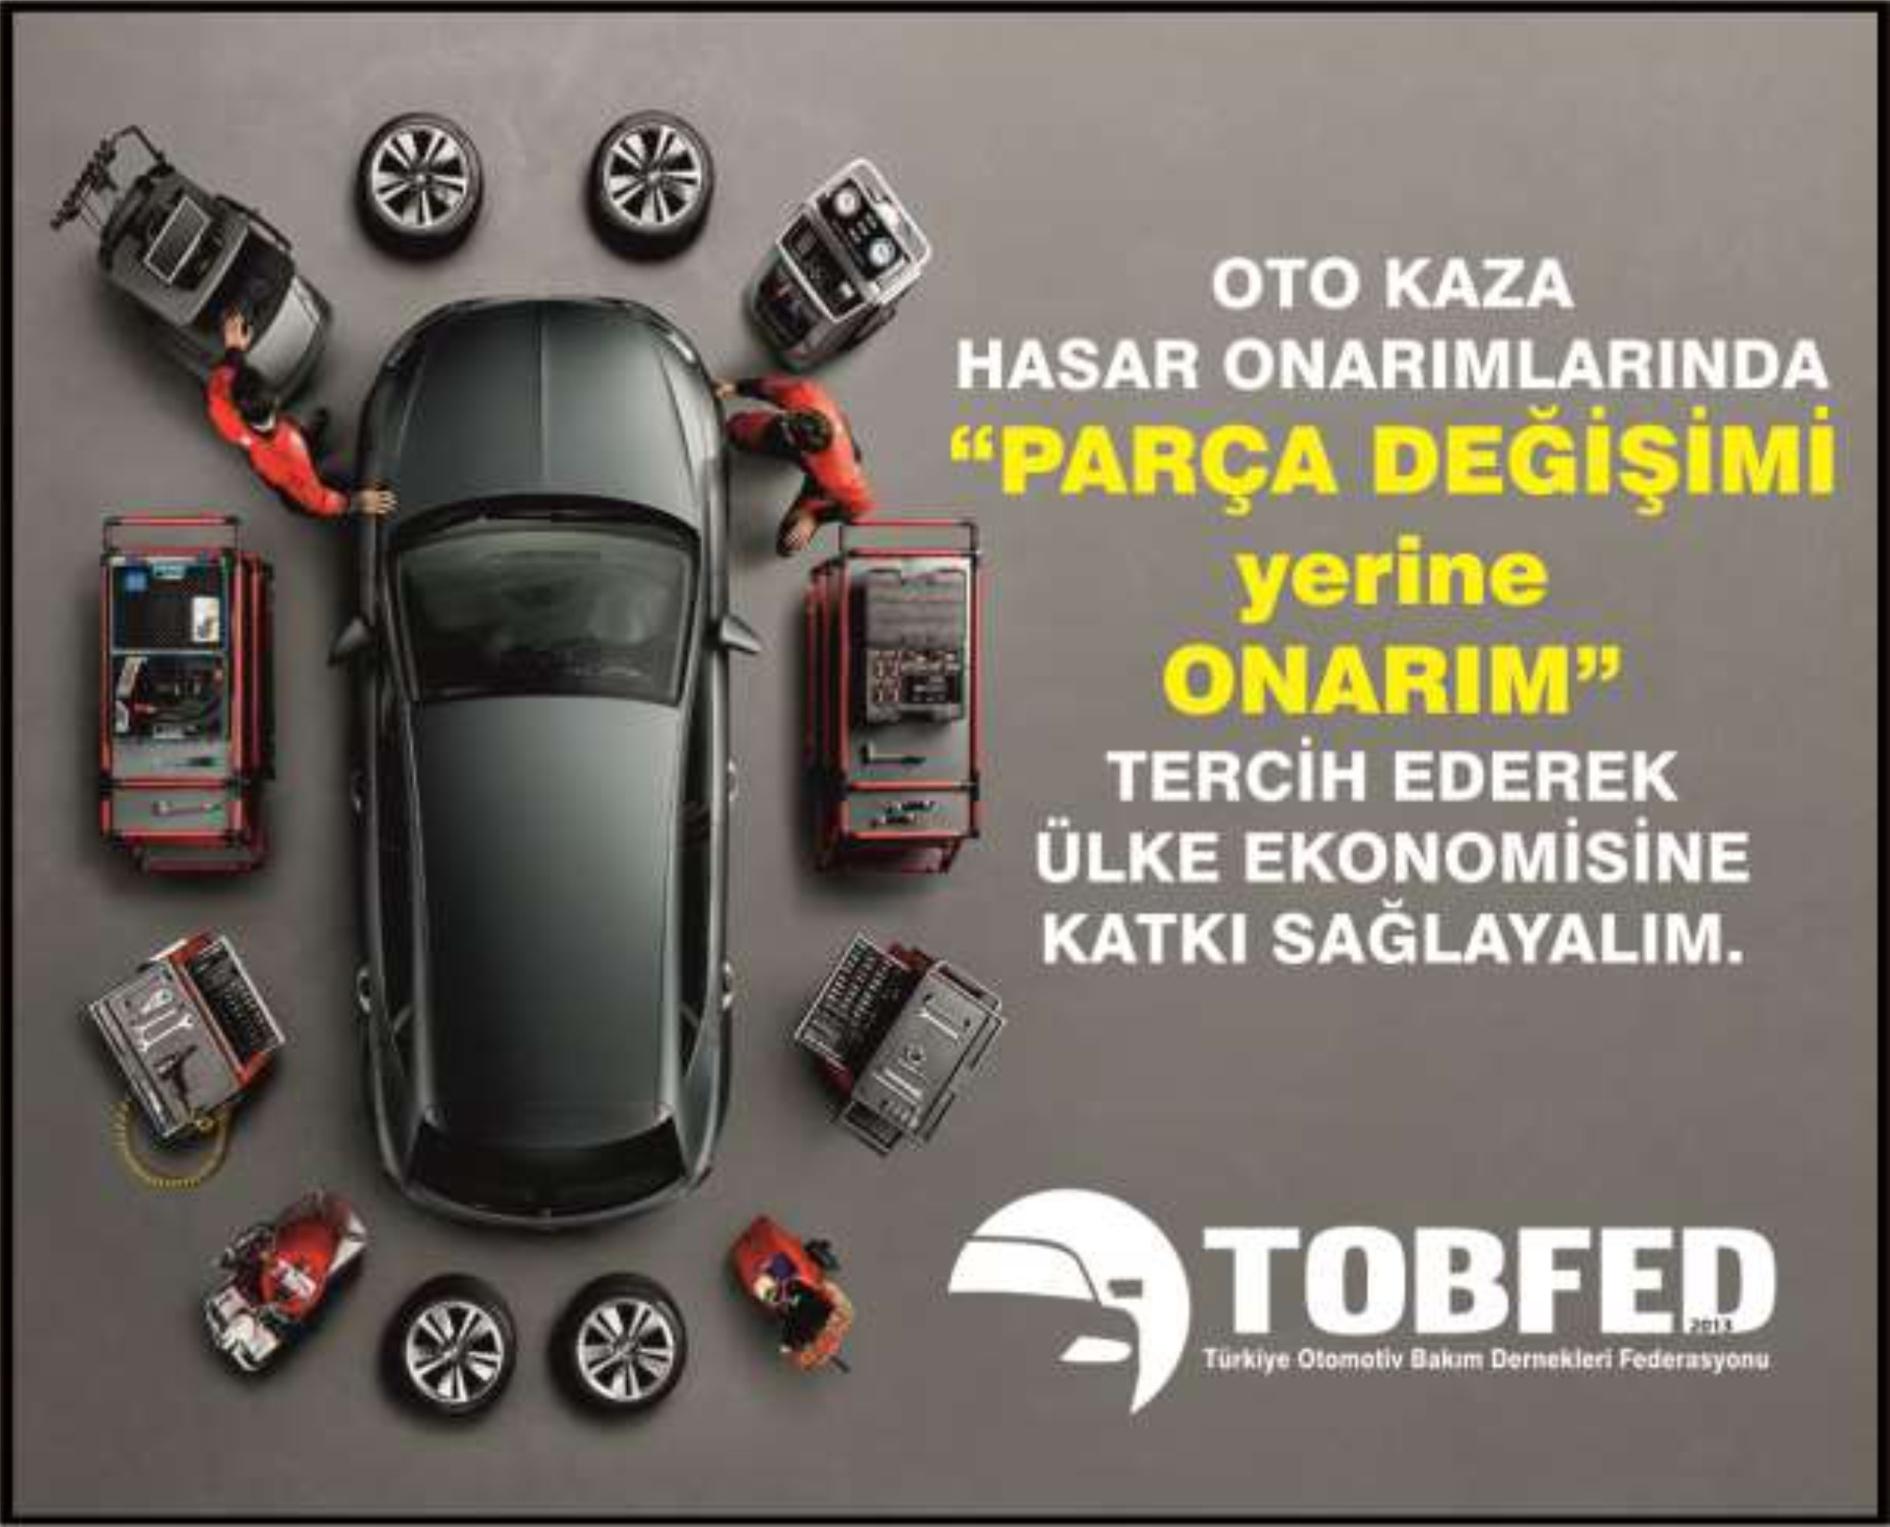 TOBFED(Türkiye Otomotiv Bakım Dernekleri Federasyonu) Genel Başkan Yardımcısı Fatih Kankurdan, Kurban Bayramındaki yoğun trafiğin neden olduğu motorlu araç trafik kazalarındaki hasar onarım süreçlerinde ülkemiz ekonomisine katkısı 1 milyar$ varan tasarruf yöntemine ilişkin basın açıklamasında bulundu. | Sungurlu Haber